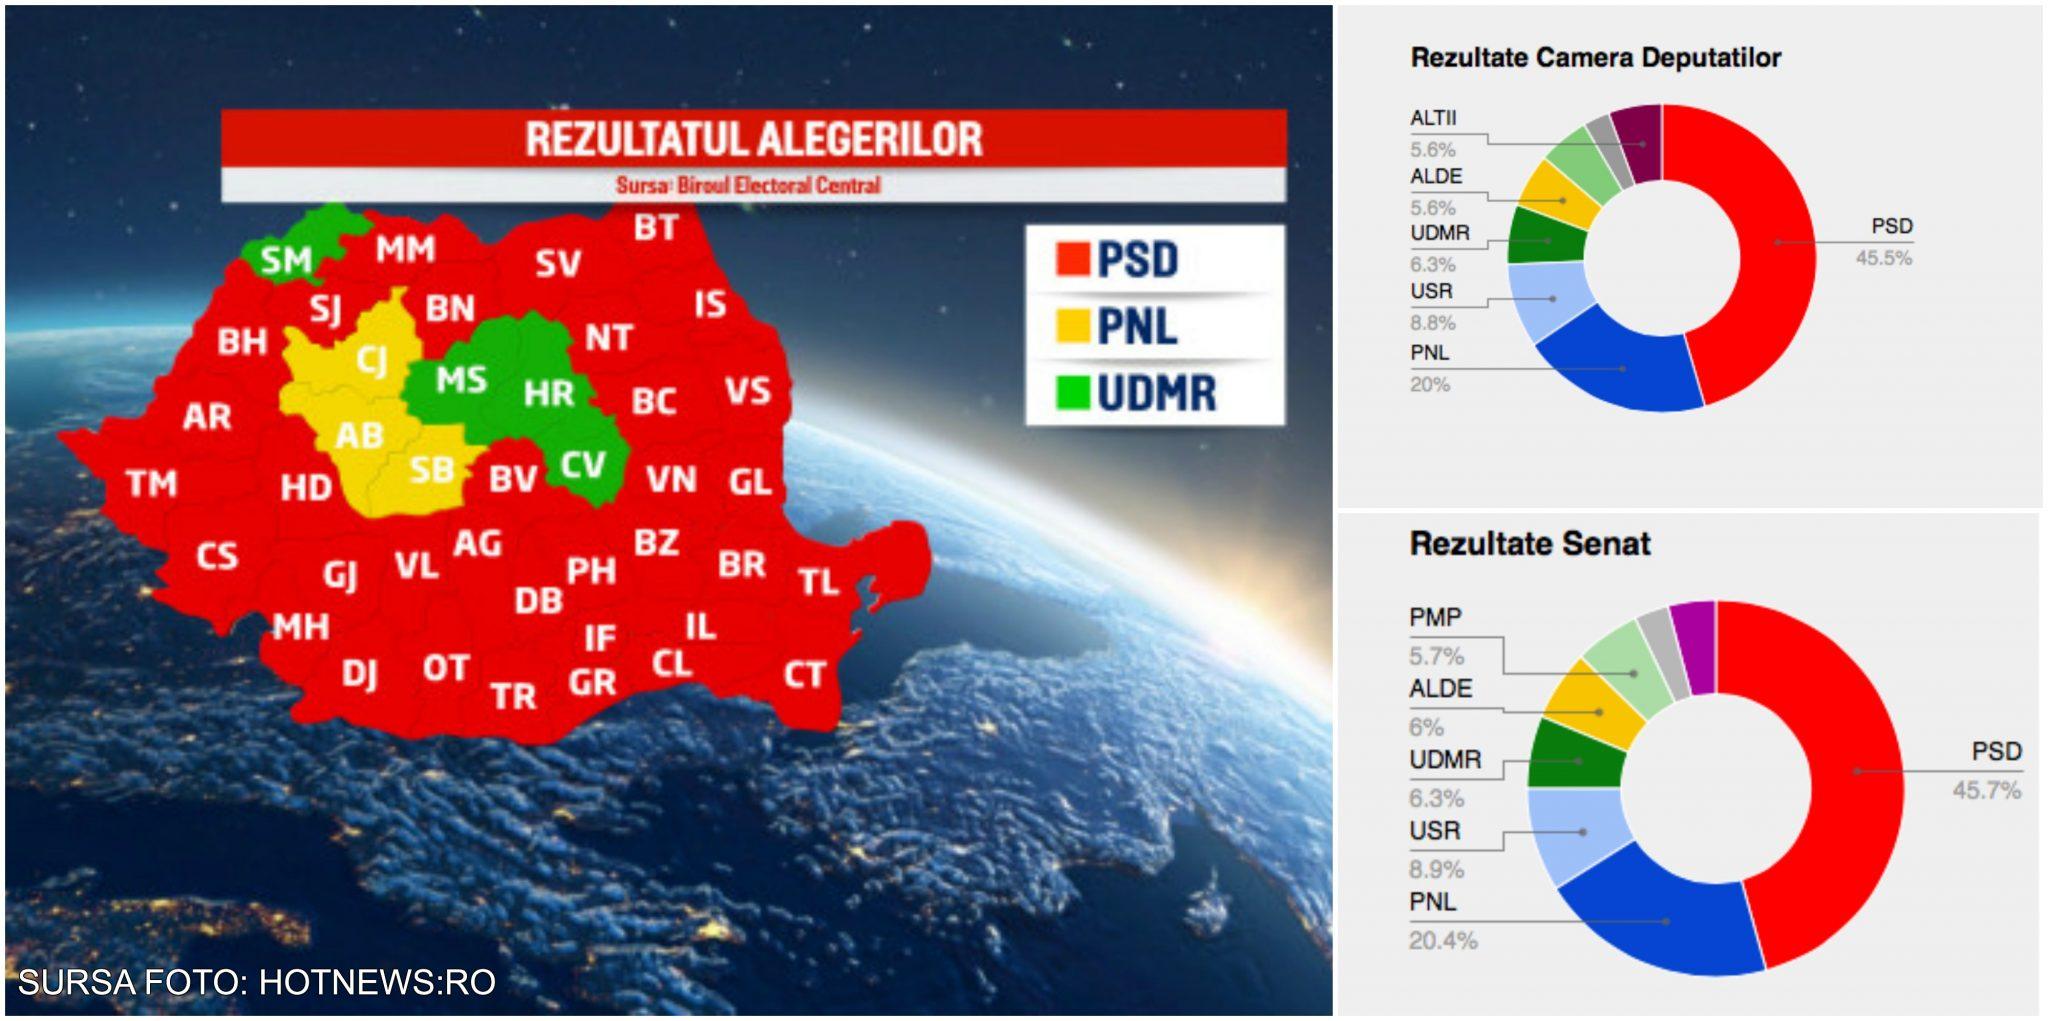 alegeri parlamentare romania decembrie 2016